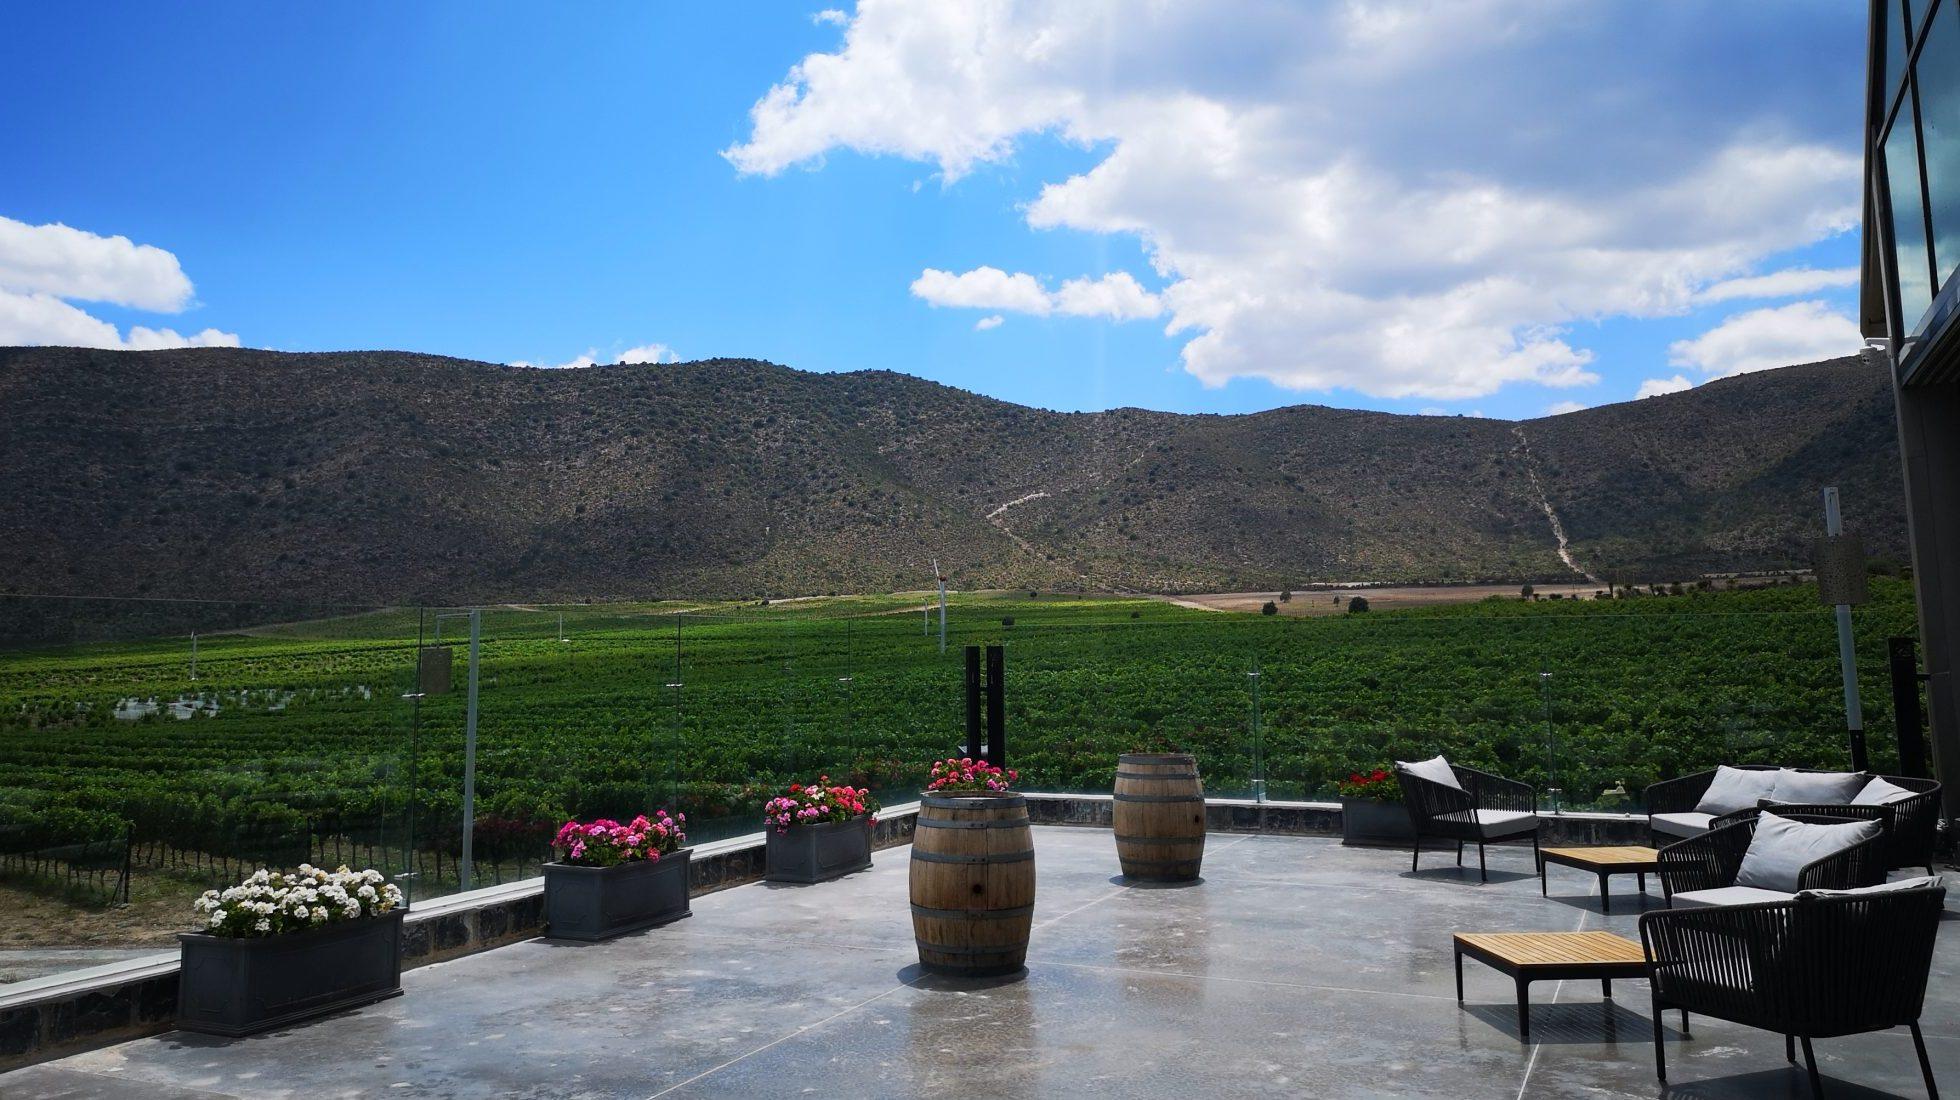 Atrévete a conocer Parras, el Pueblo Mágico para los apasionados del vino